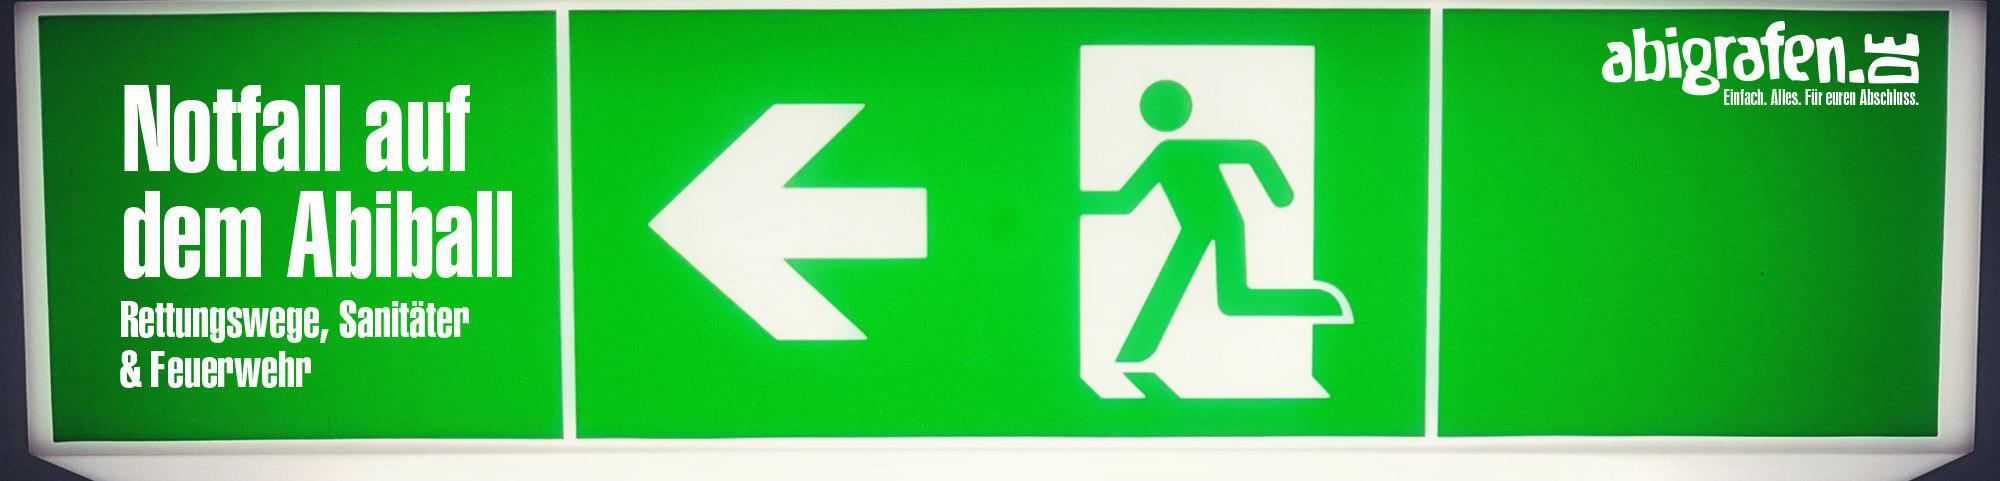 Pflichten für Abiball/Abifeier (Sanitäter, Rettungsdienst, Feuerwehr, Rettungswege)